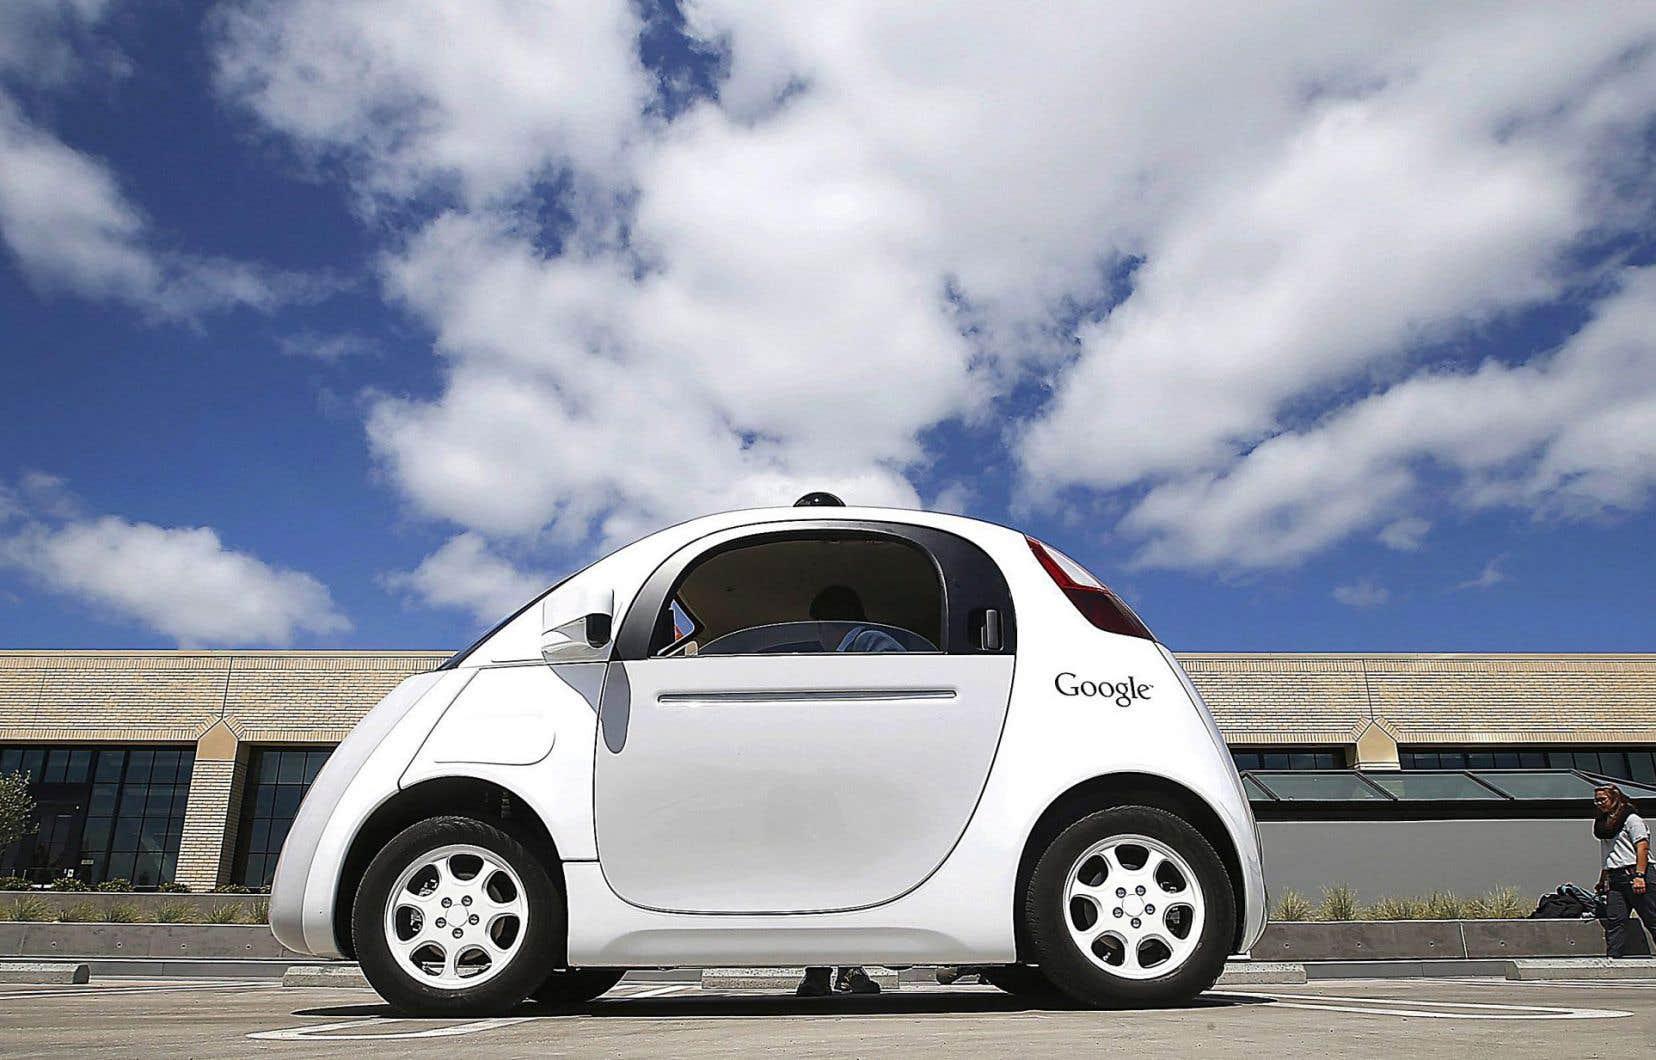 La voiture autonome de Google au siège social du géant californien de l'informatique, à Moutain View